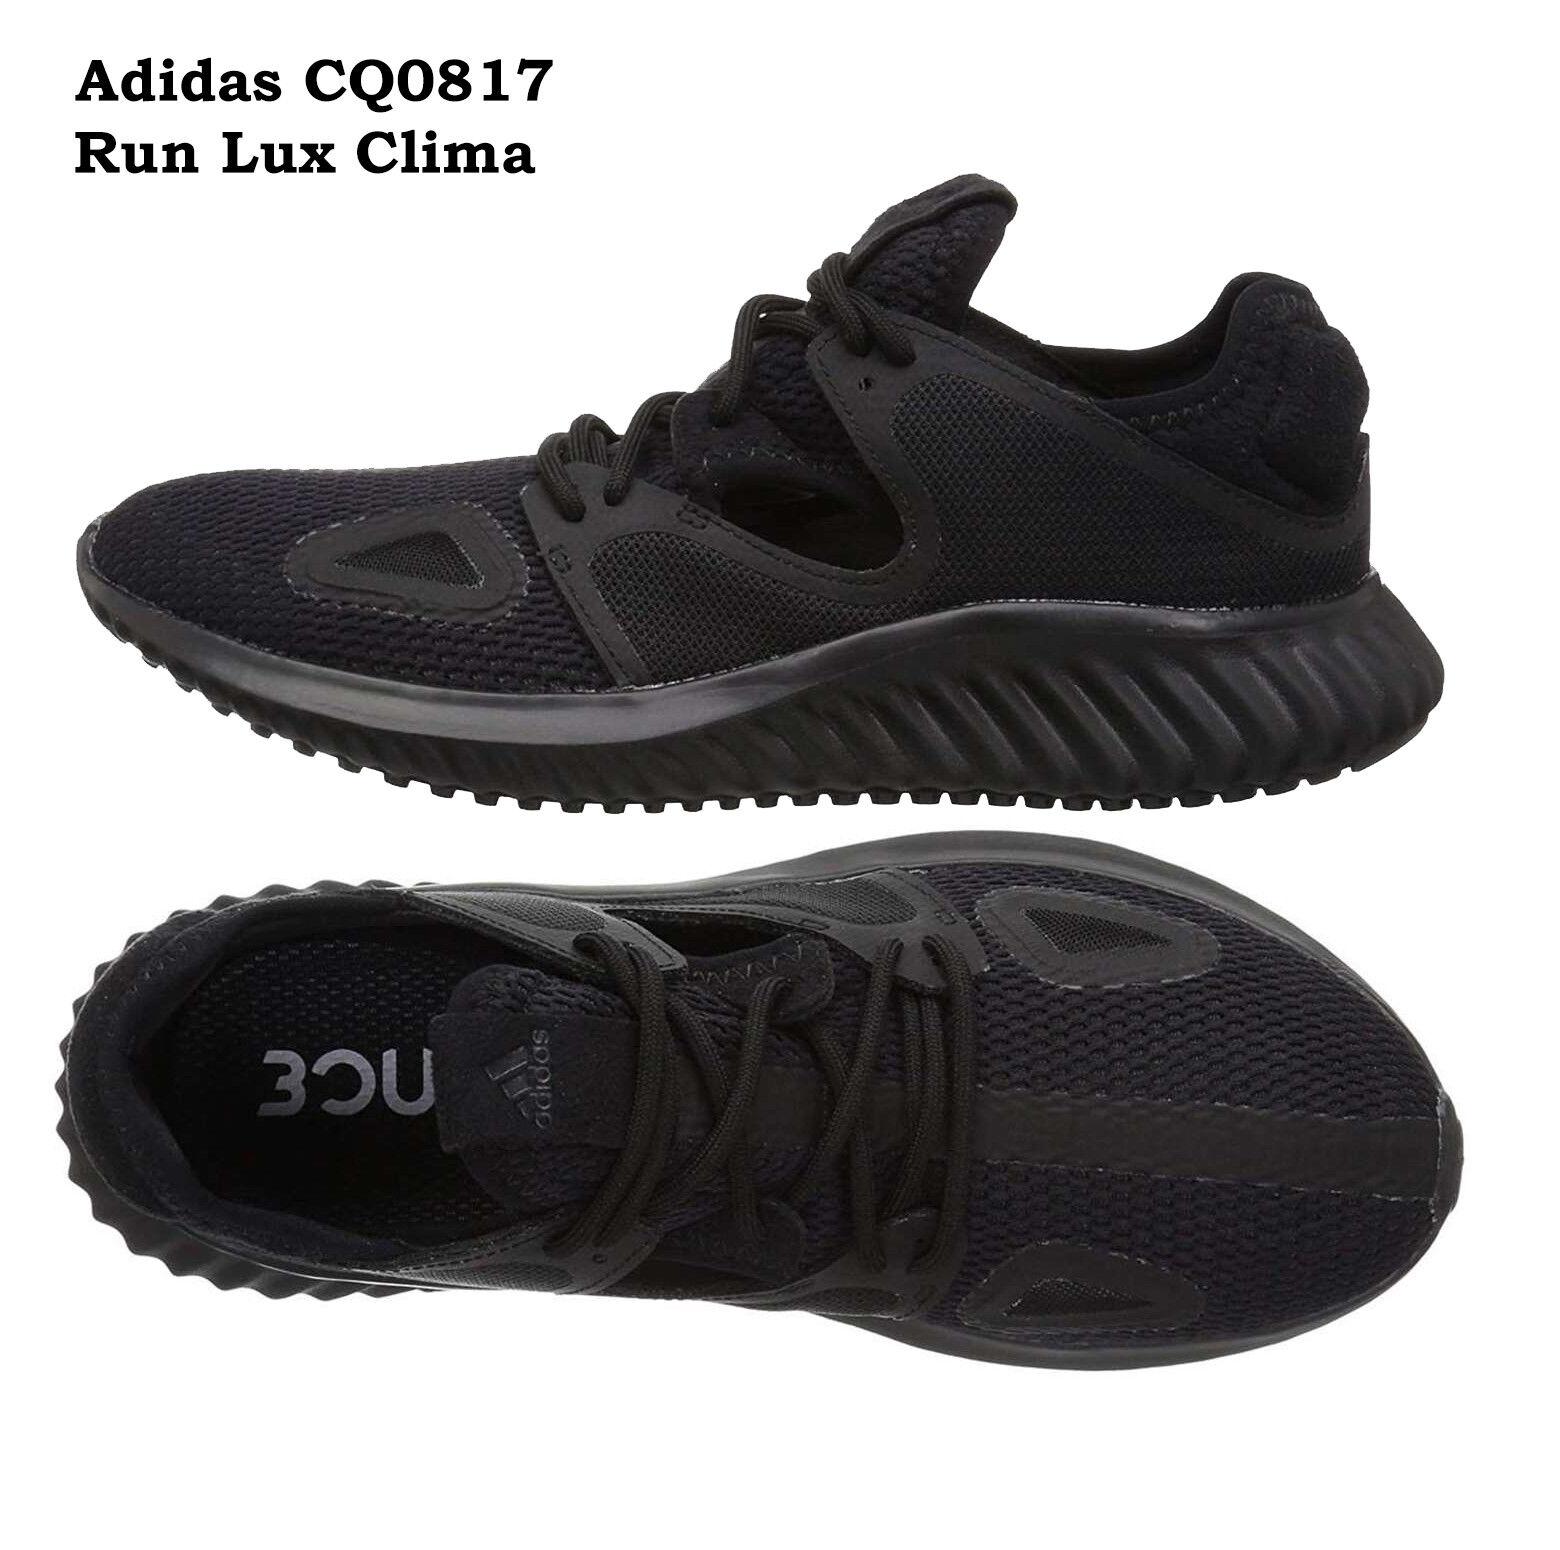 ΓυναικΡία παπούτσια Adidas Μαύρη Run Lux Clima Running Shoes Adidas Bounce ΣΡιρά AQ0817